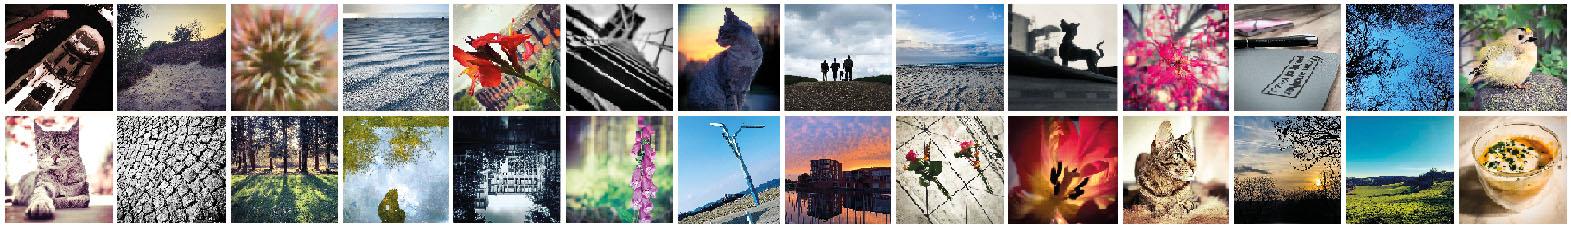 WORKSHOP • Beter leren fotograferen met je smartphone @ La Sirel - Creatieve Fotografie & Design.